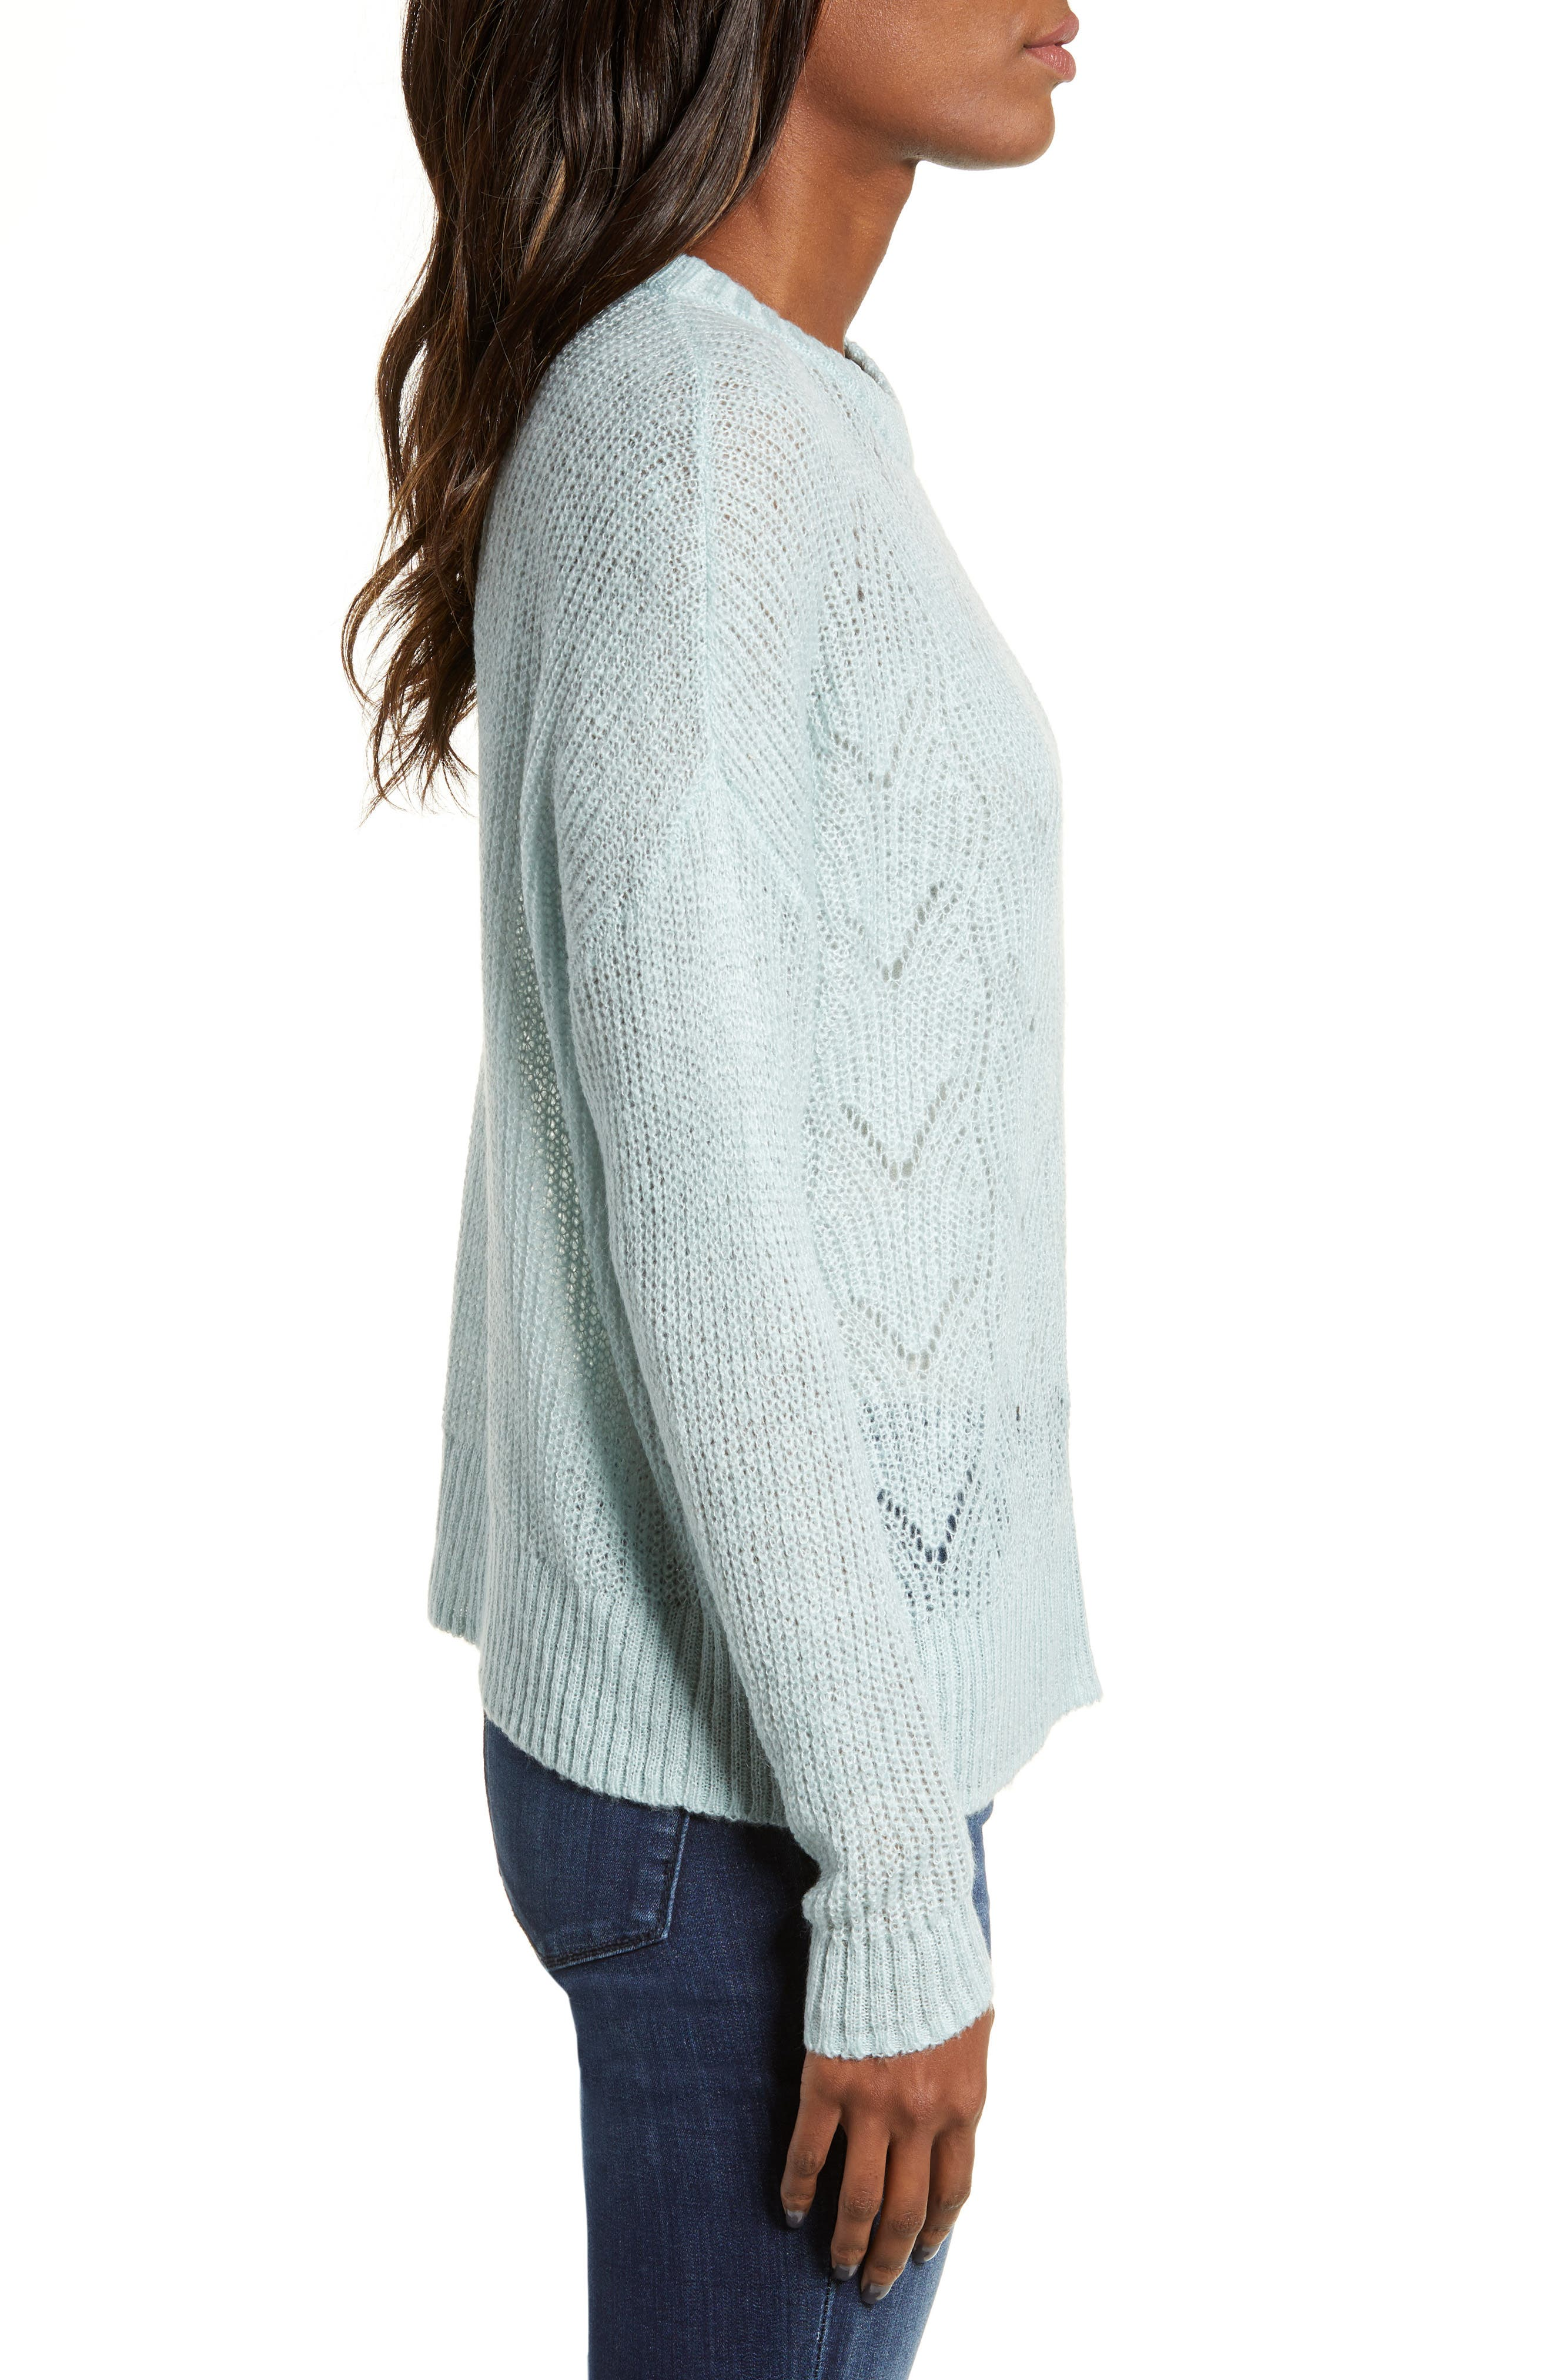 BP., Pointelle Stitch Sweater, Alternate thumbnail 4, color, BLUE CLOUD